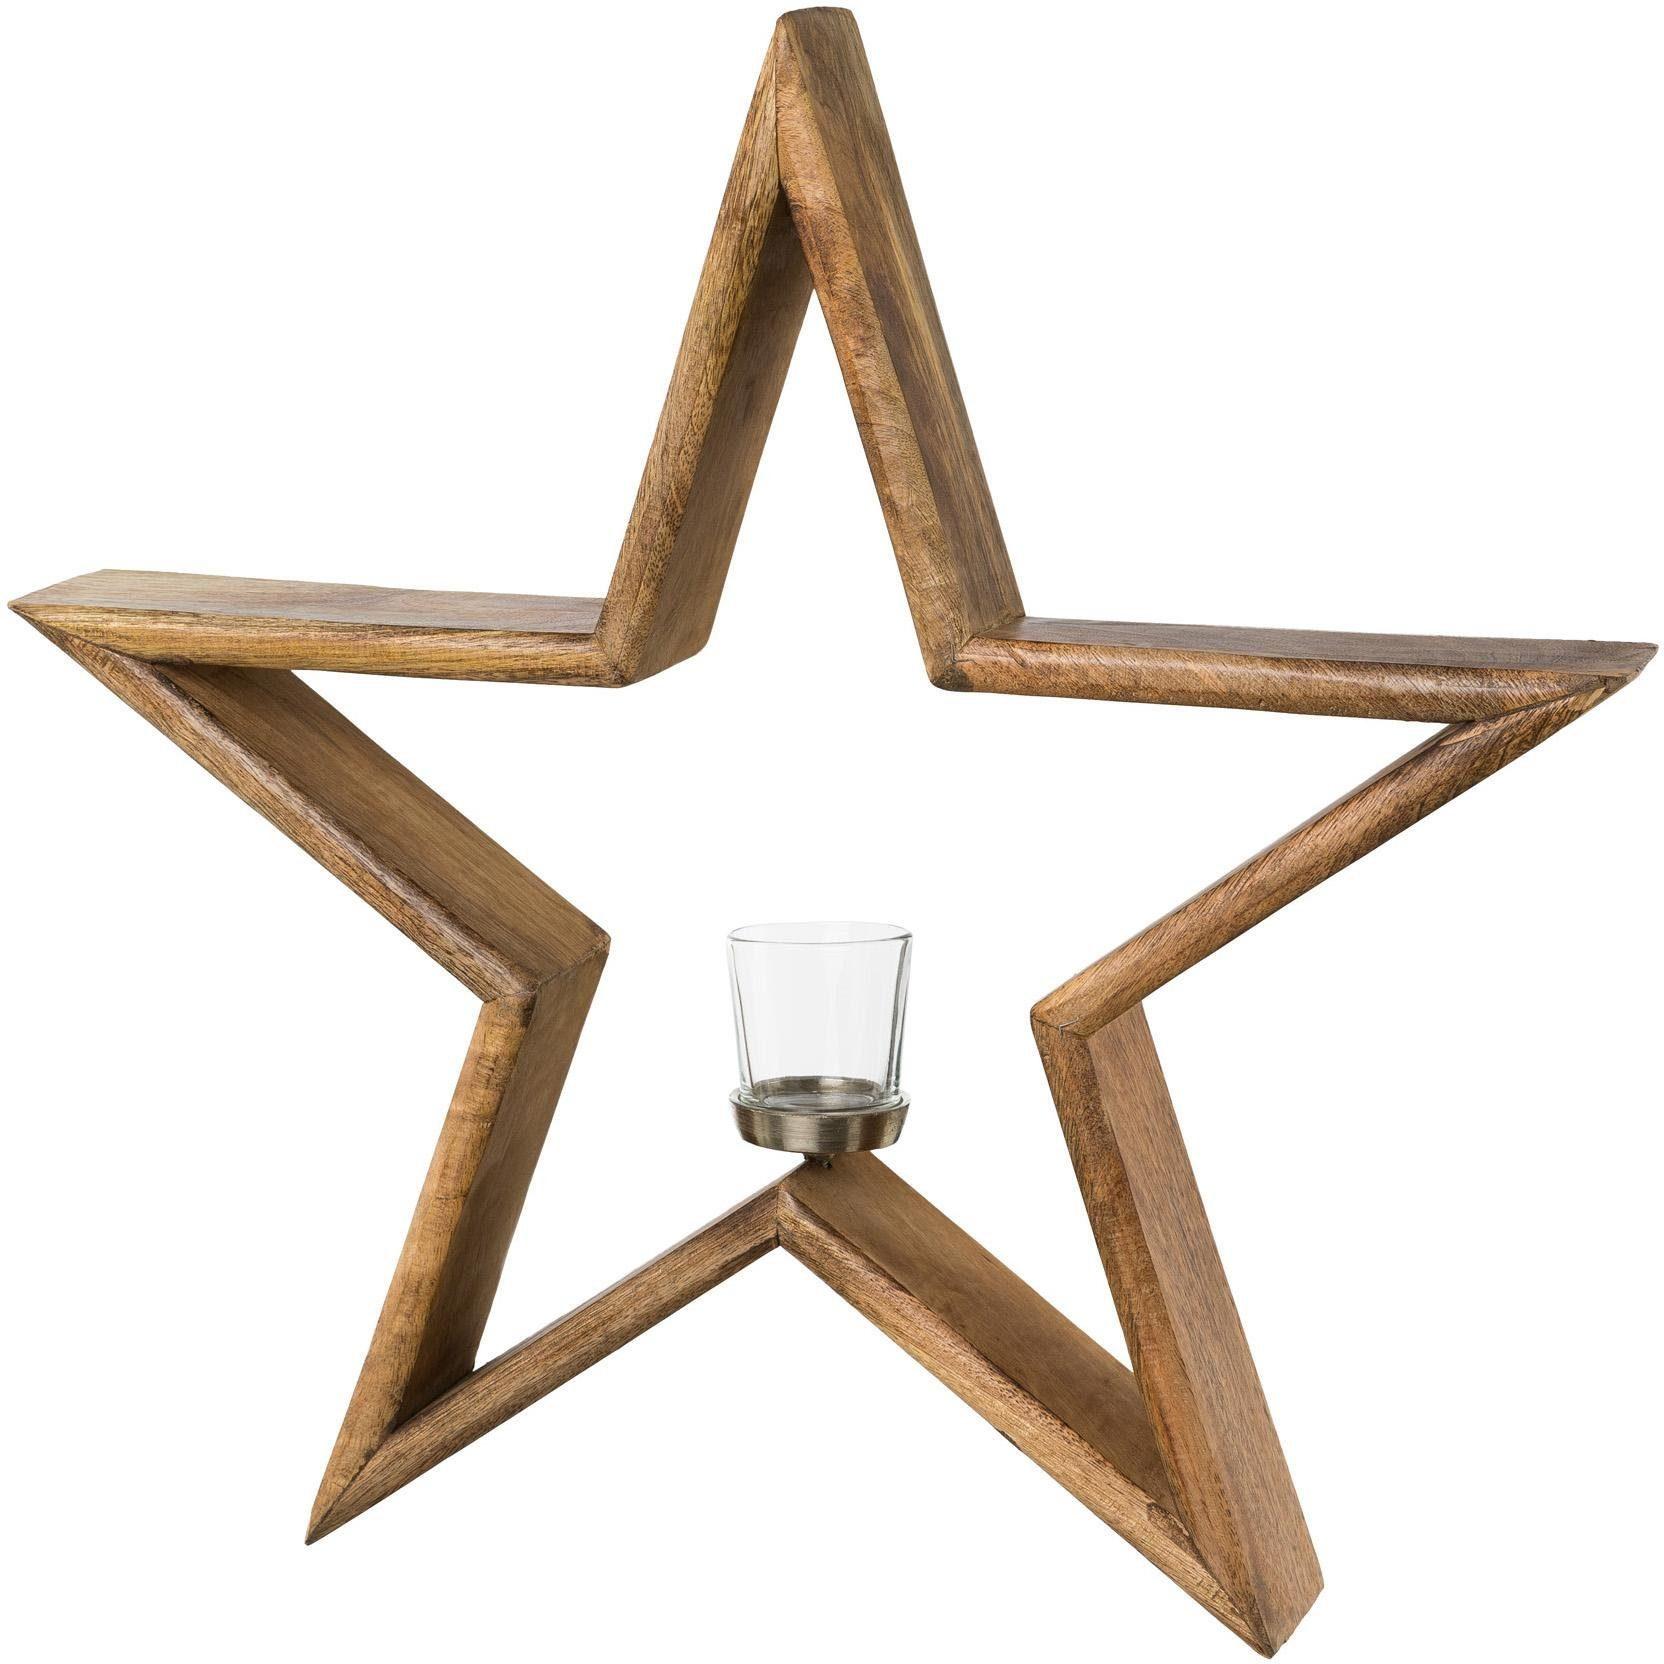 Kerzenhalter Stern (1 Stück) Wohnen/Accessoires & Leuchten/Wohnaccessoires/Kerzen & Laternen/Kerzenhalter